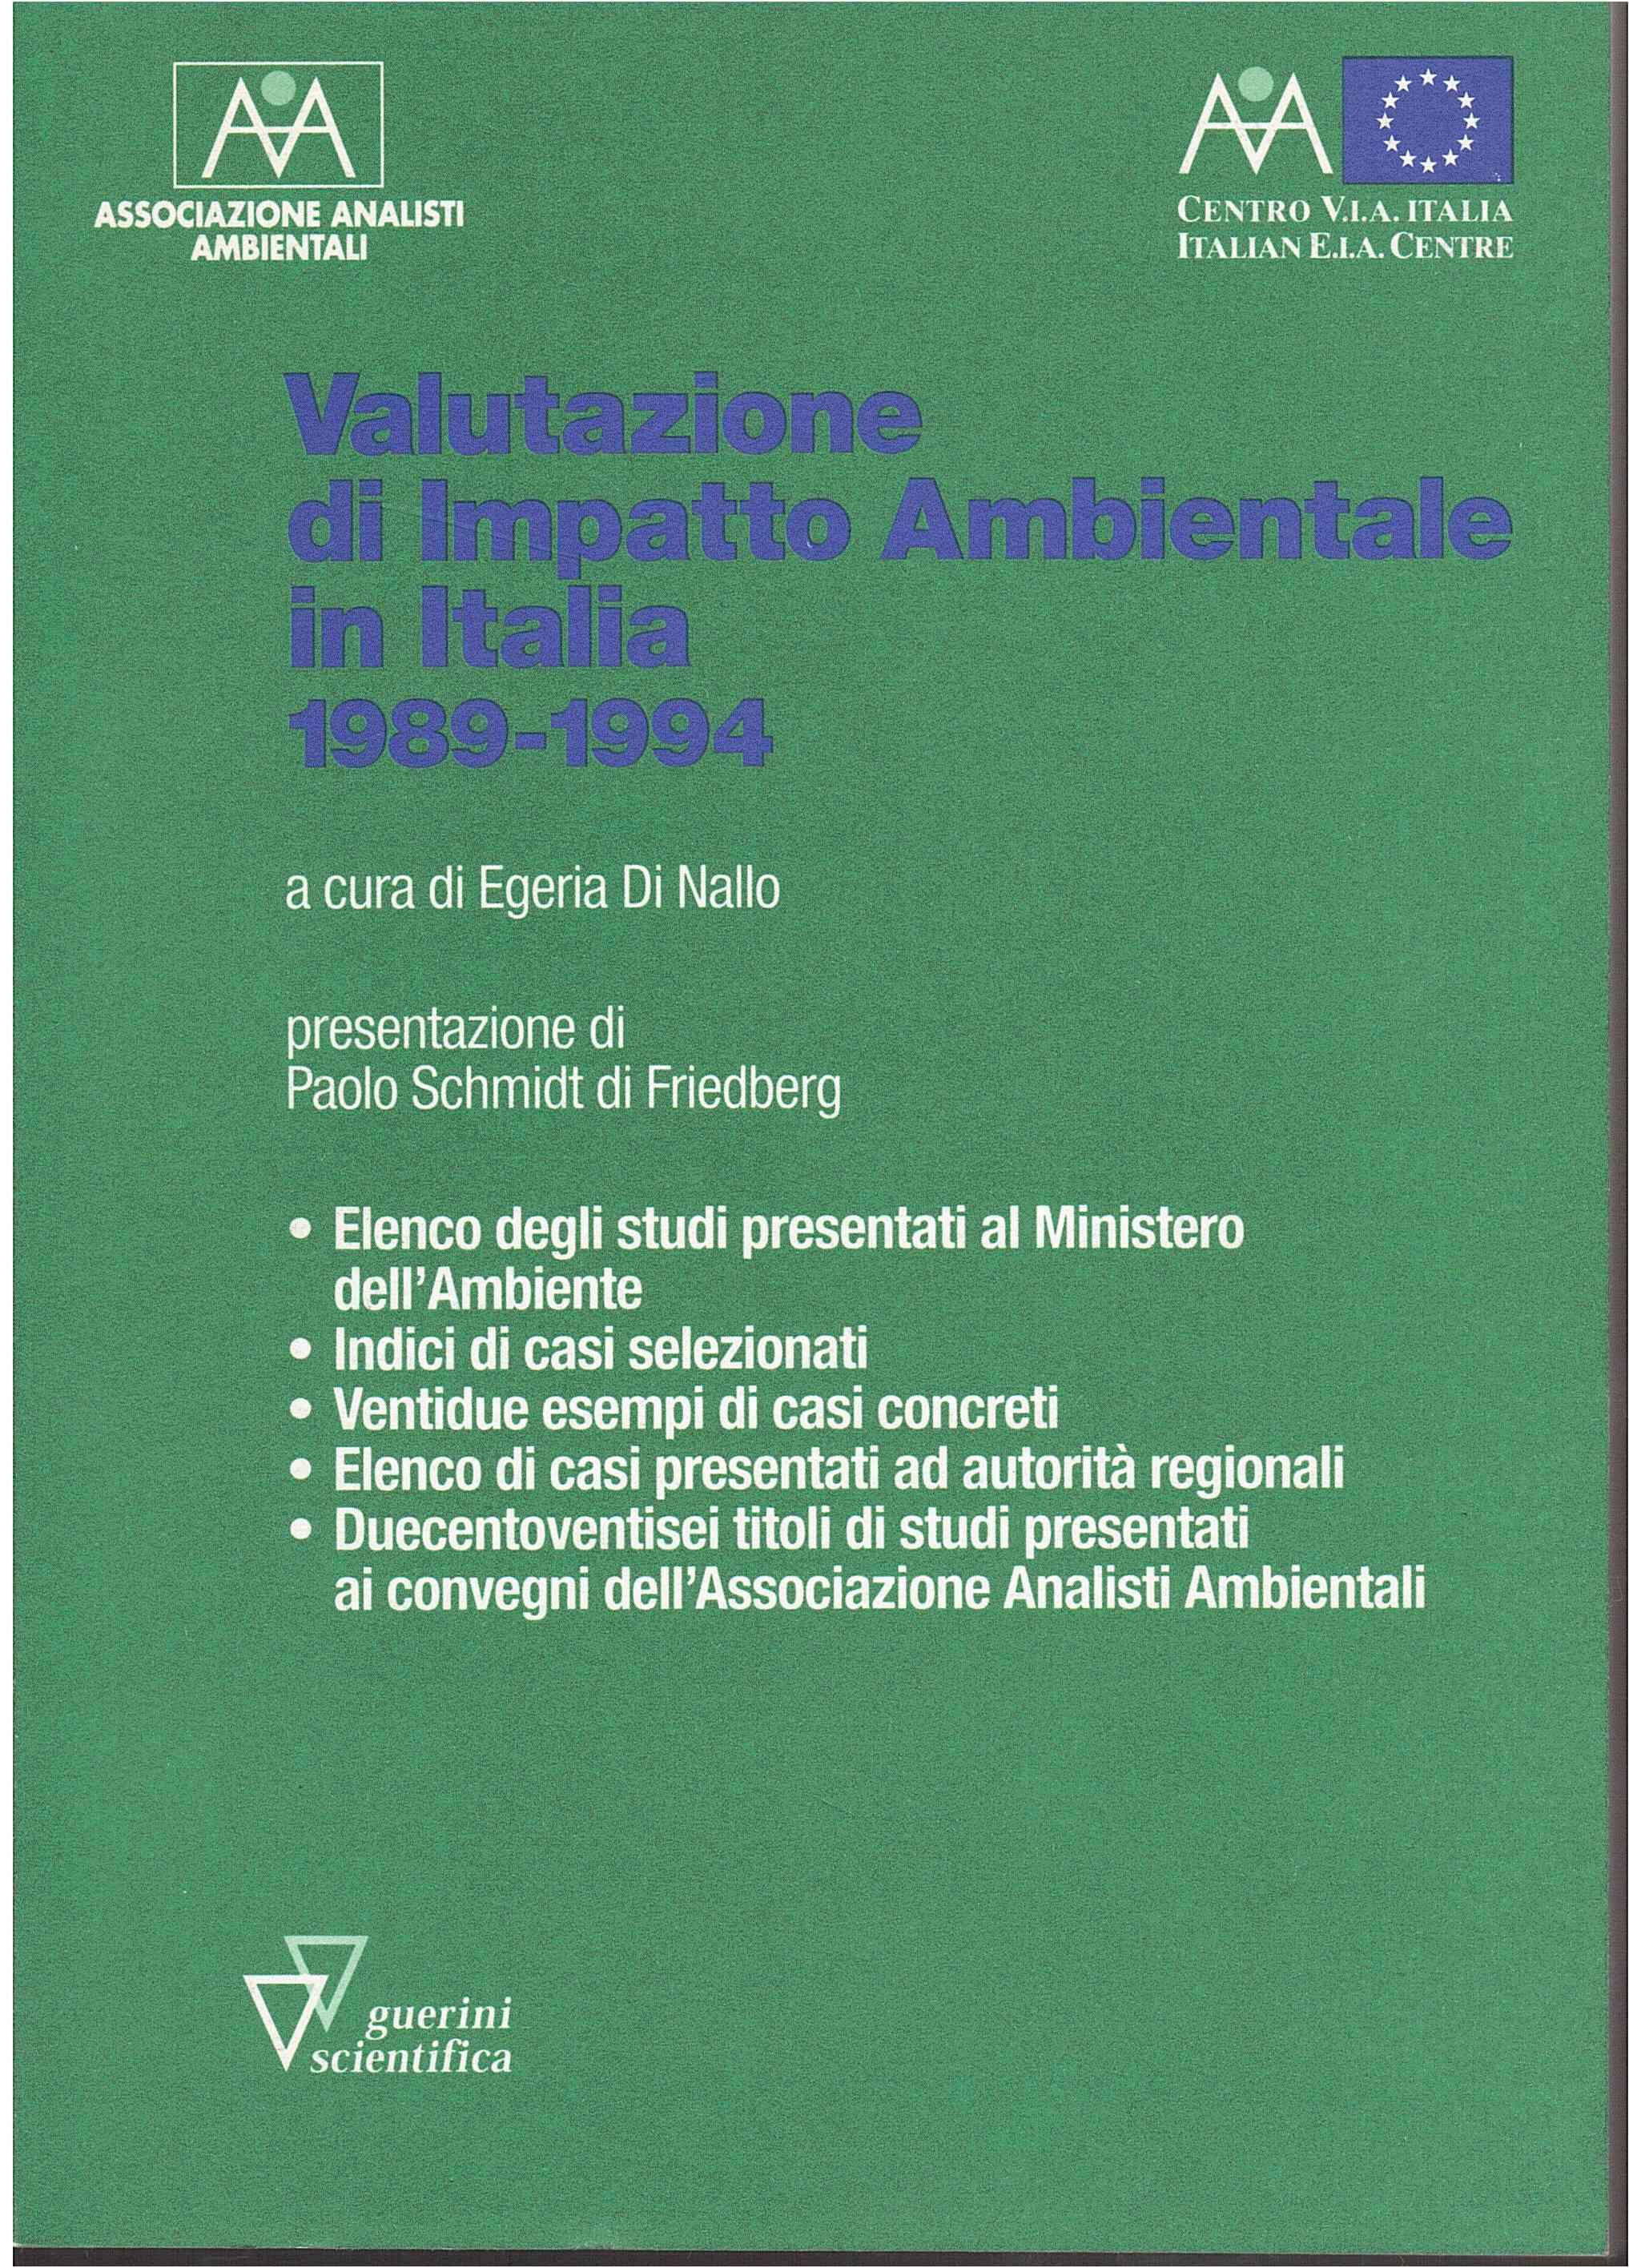 Valutazione di impatto ambientale in Italia (1989-1994)